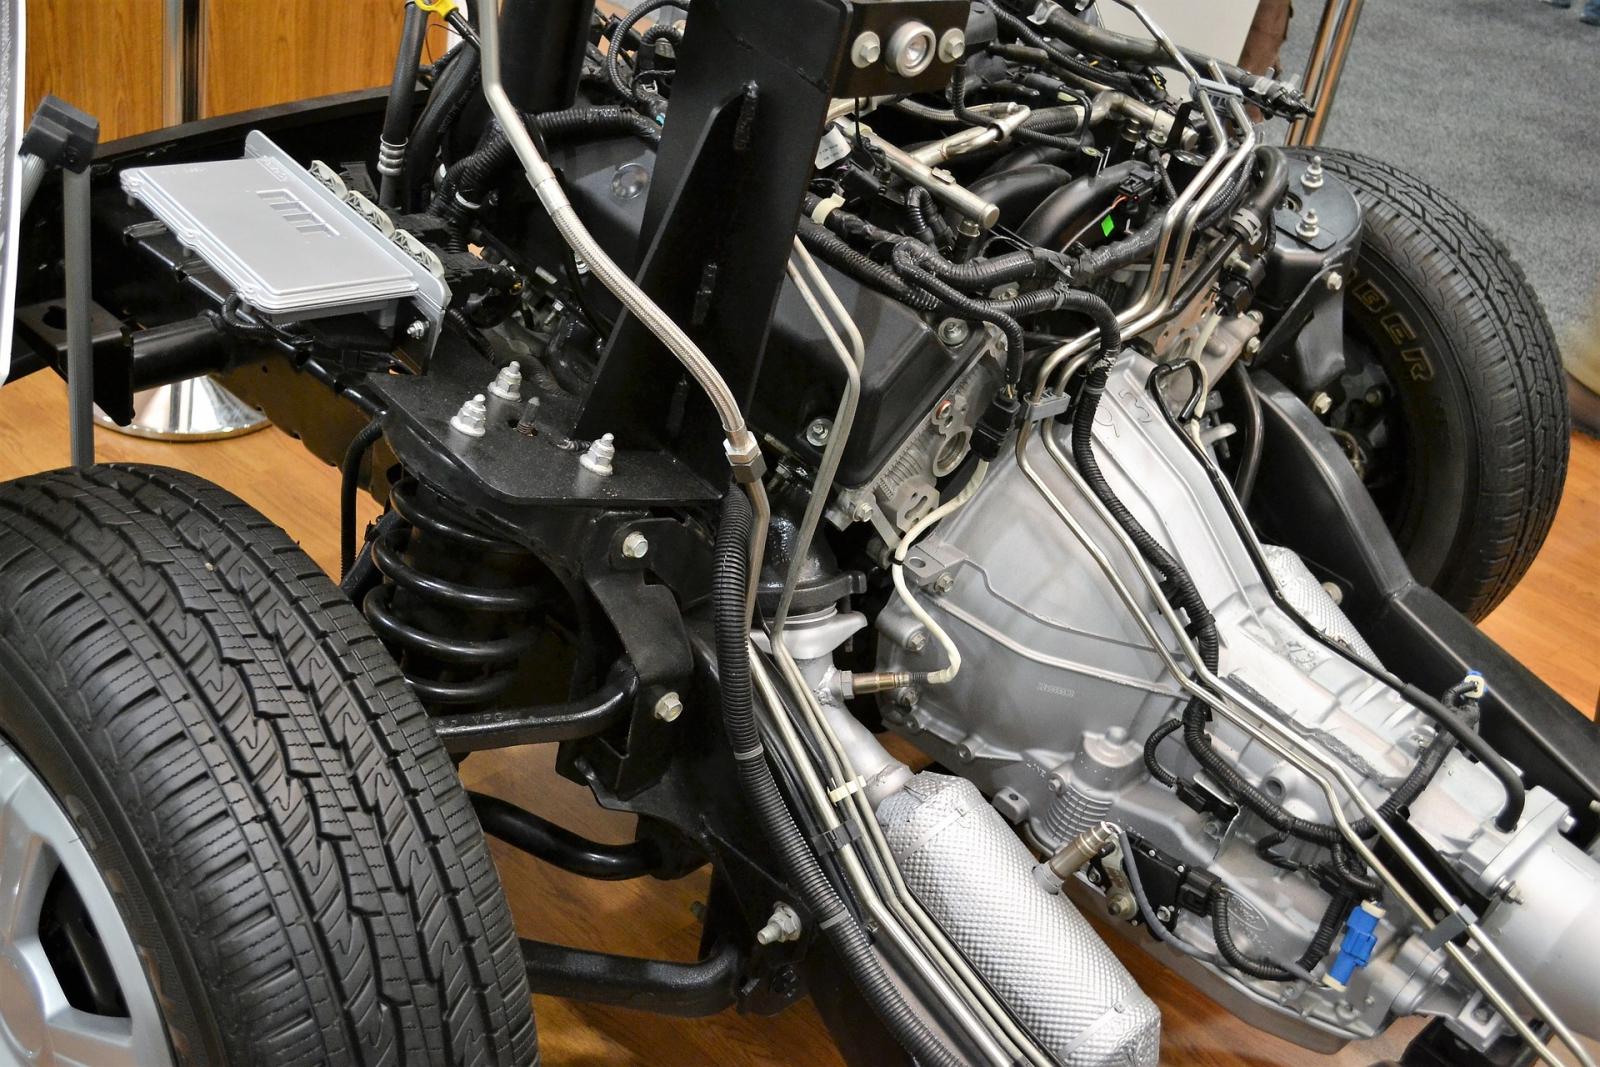 【汽車專知】什麼是懸掛系統?有分哪幾種呢?